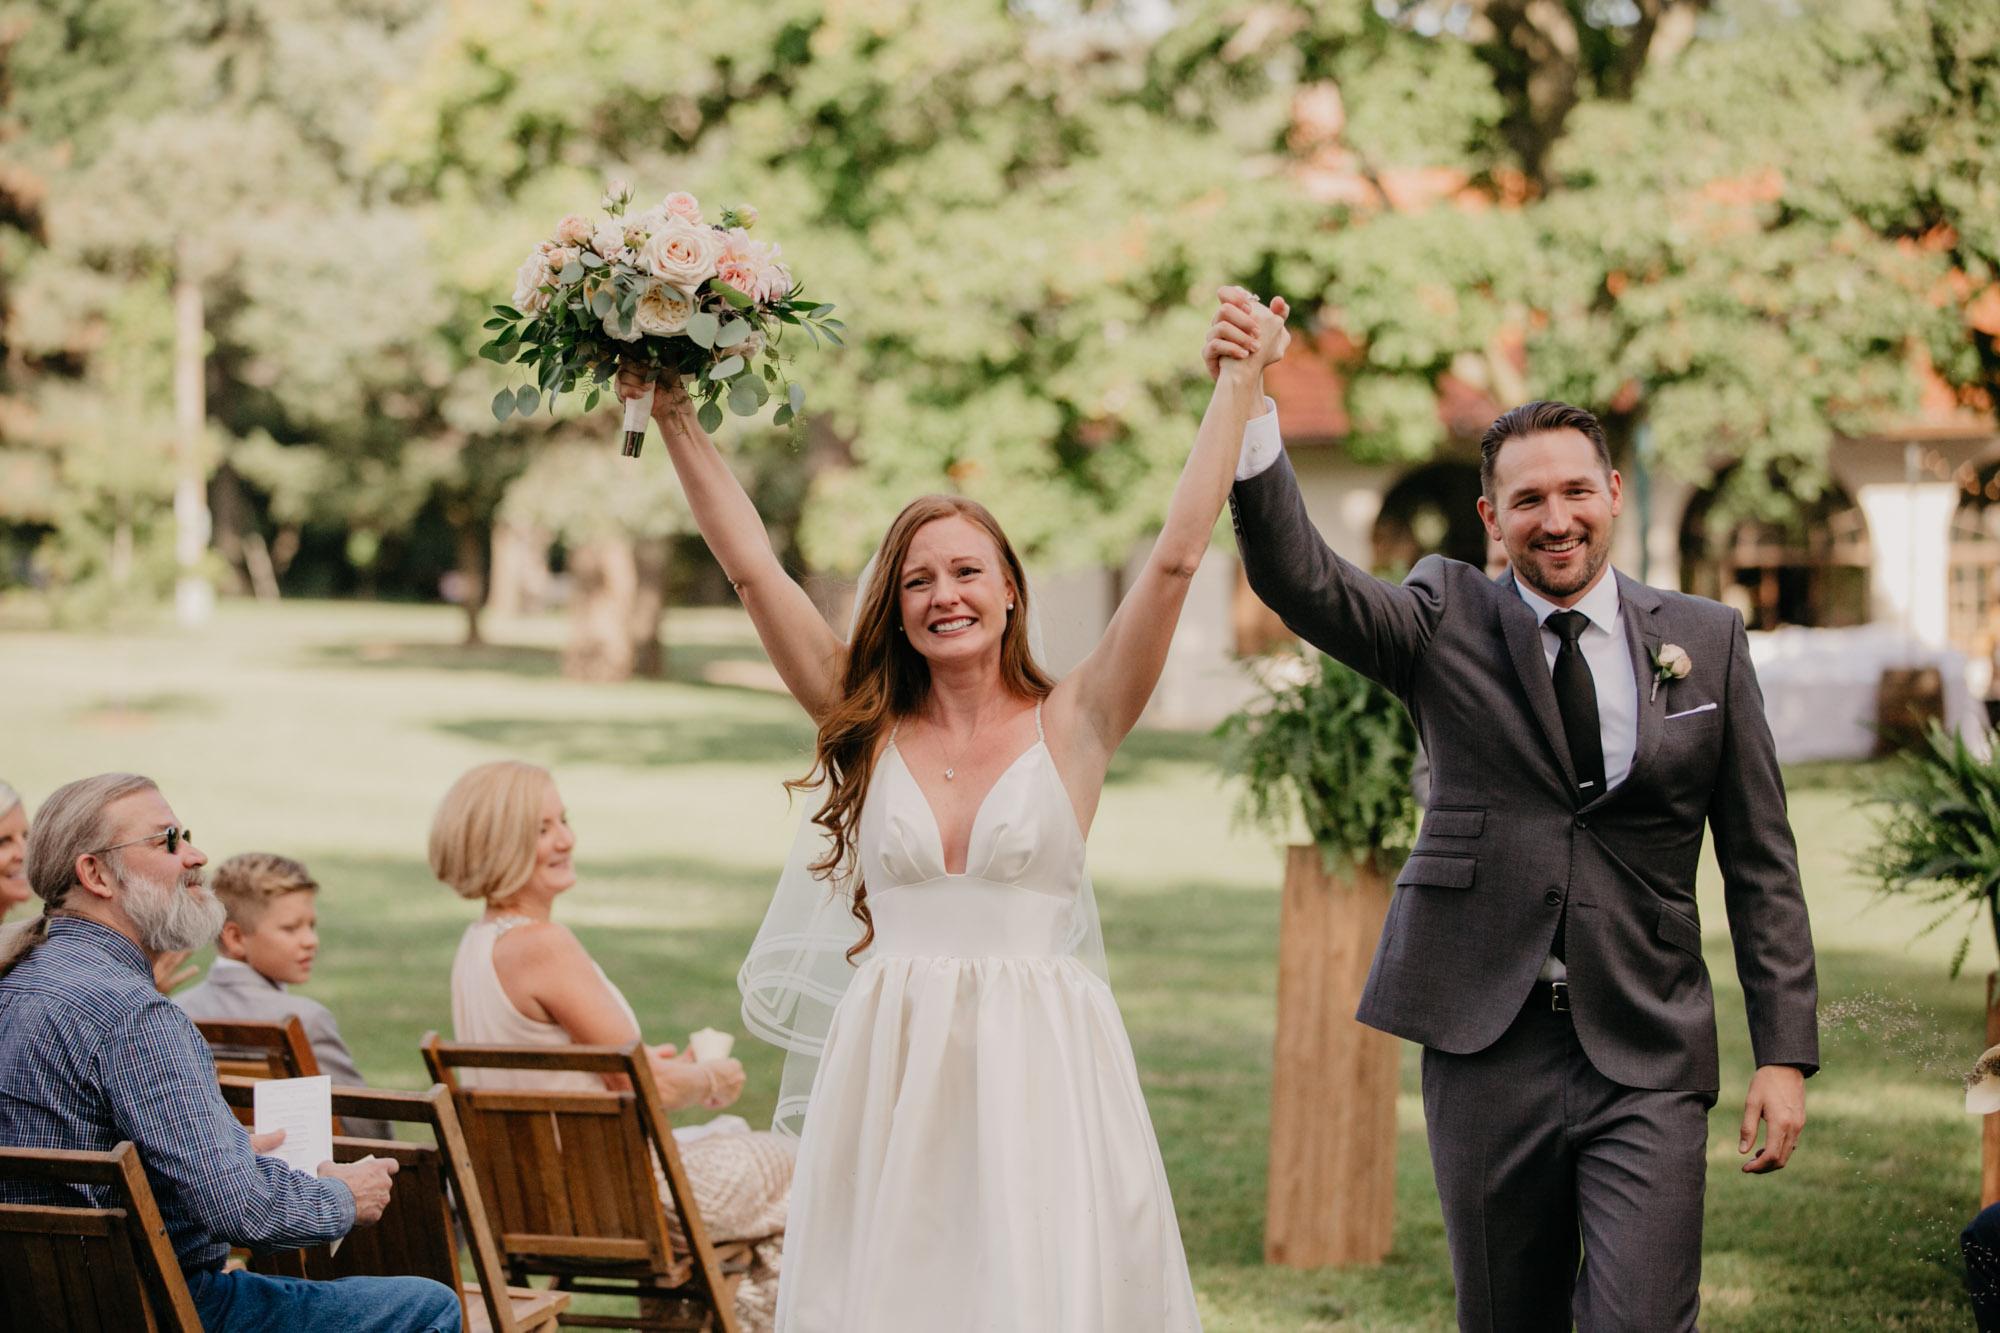 elmwood-park-wedding-photographer-nicole-jon-24.jpg